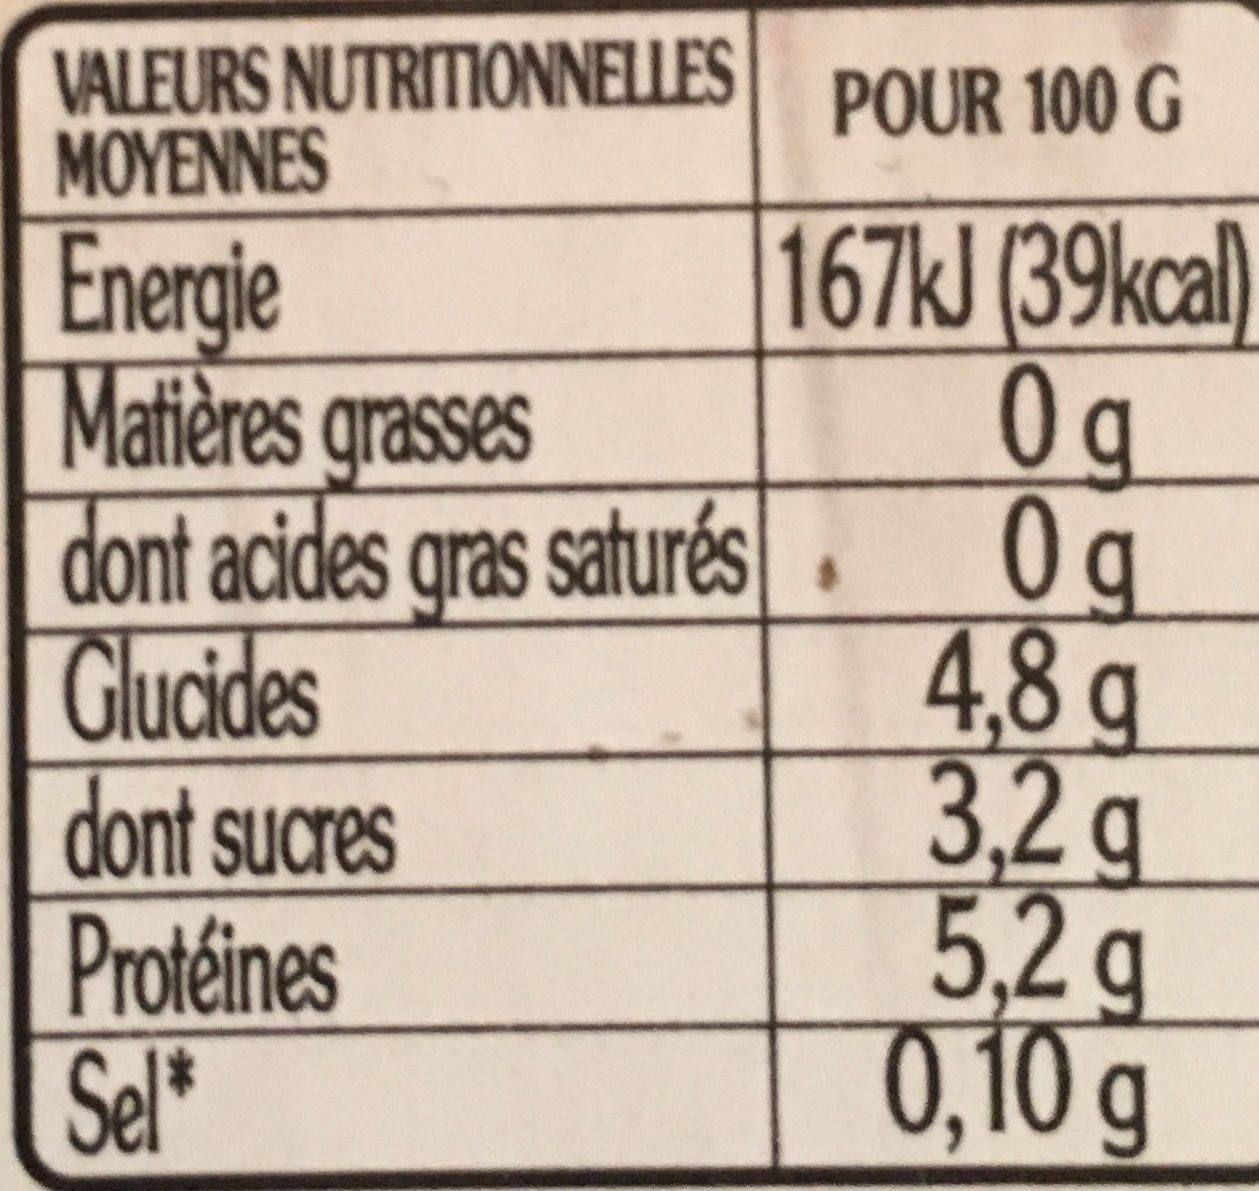 La faiselle - Información nutricional